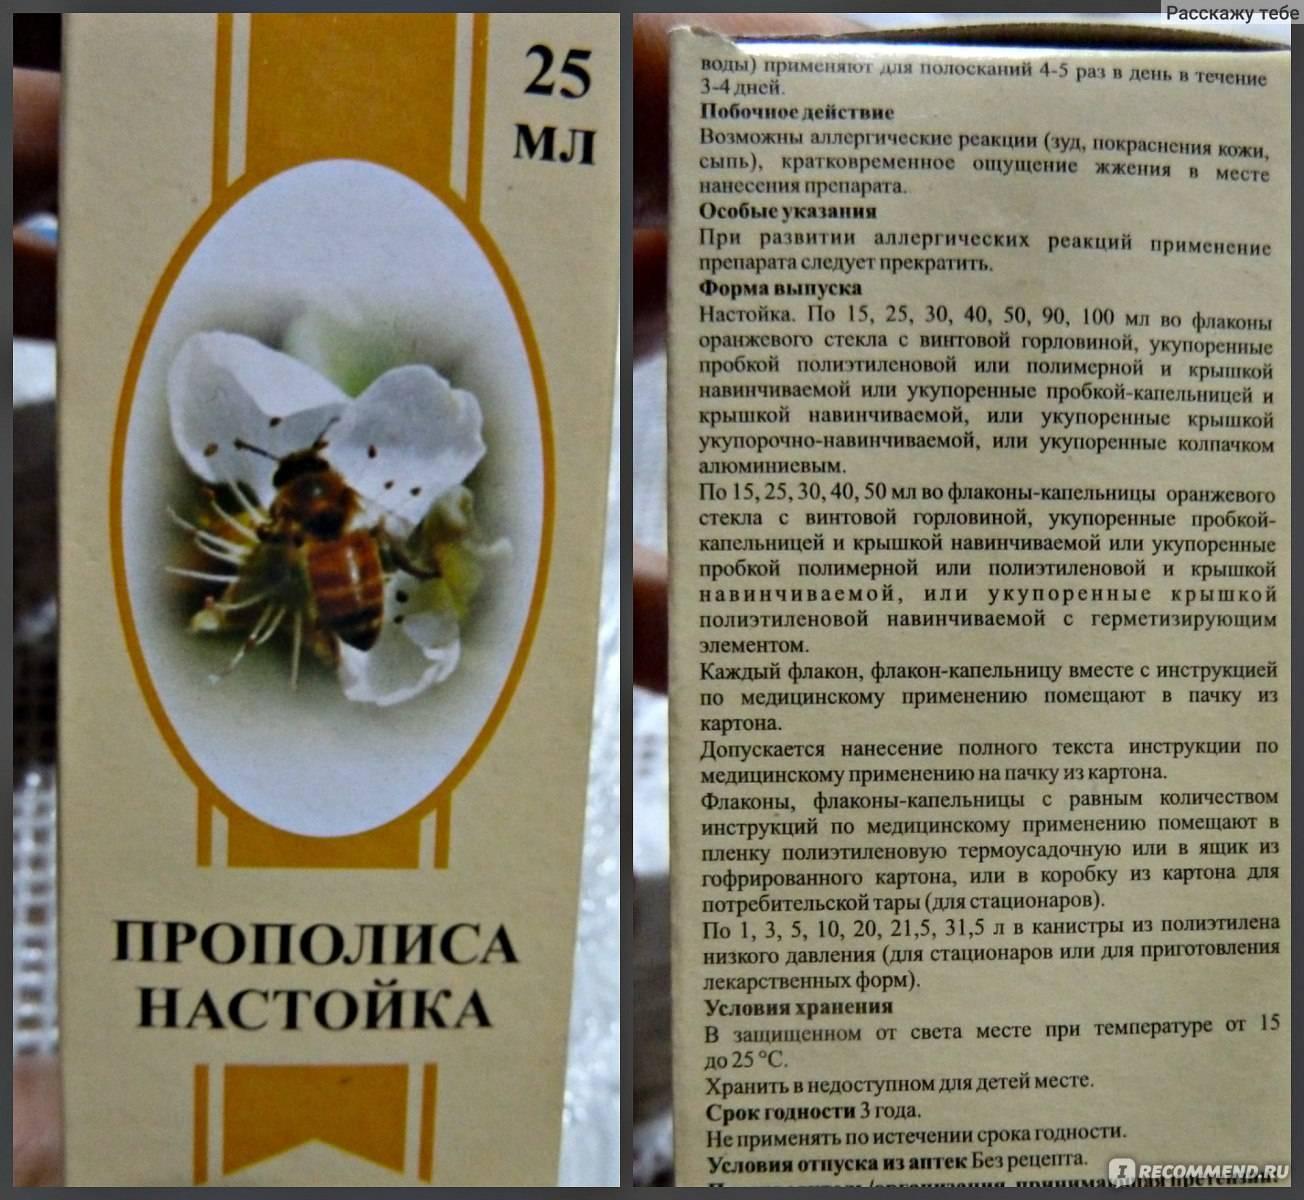 Обзор капель в нос при гайморите: правильные рецепты - семейная клиника опора г. екатеринбург